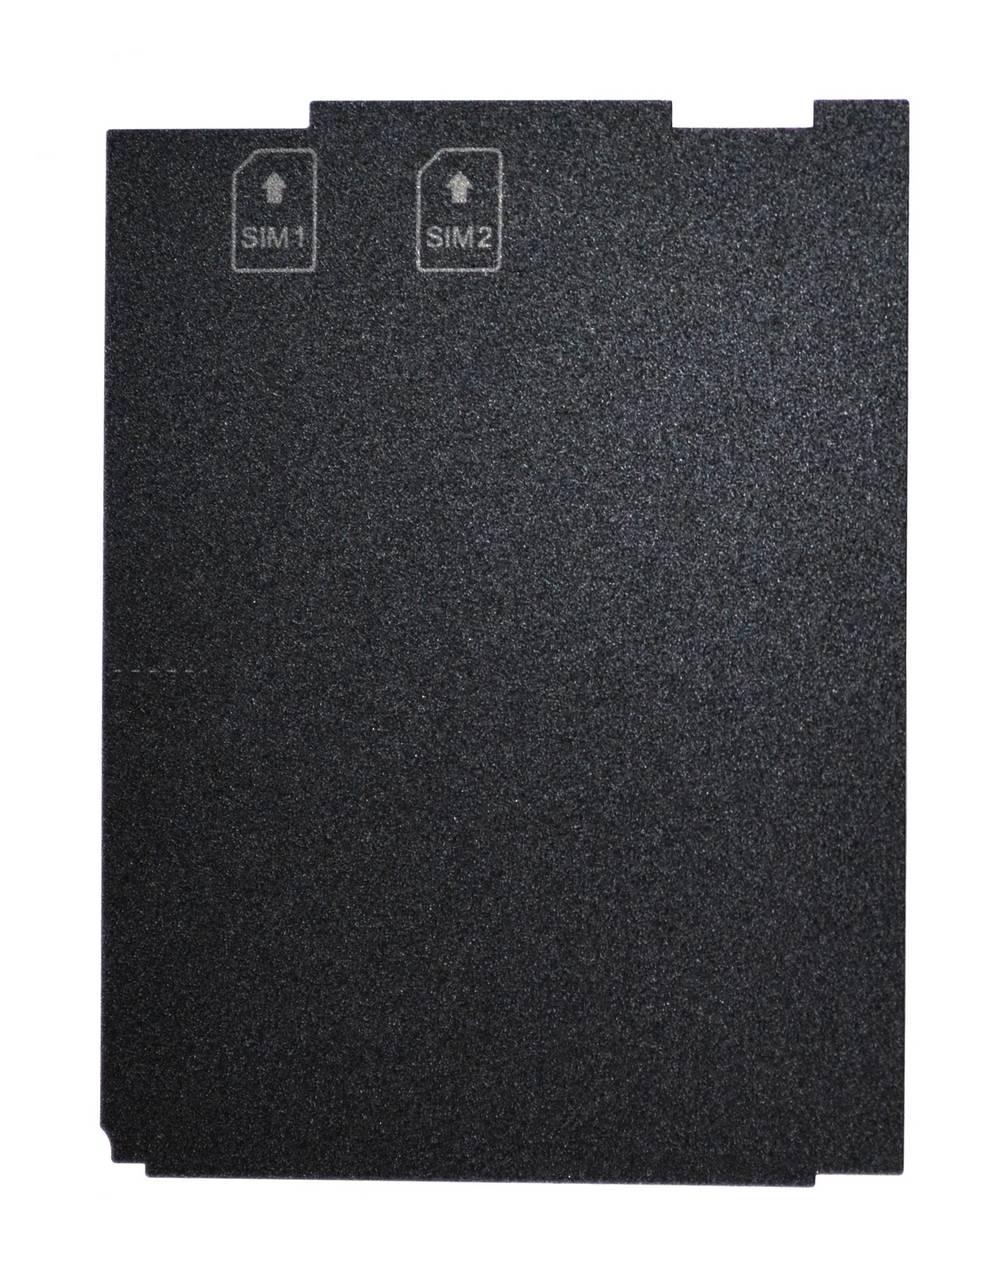 Ετικέτα Μπαταρίας, Πίσω Καλύμματος Hisense F20 Original 10233916